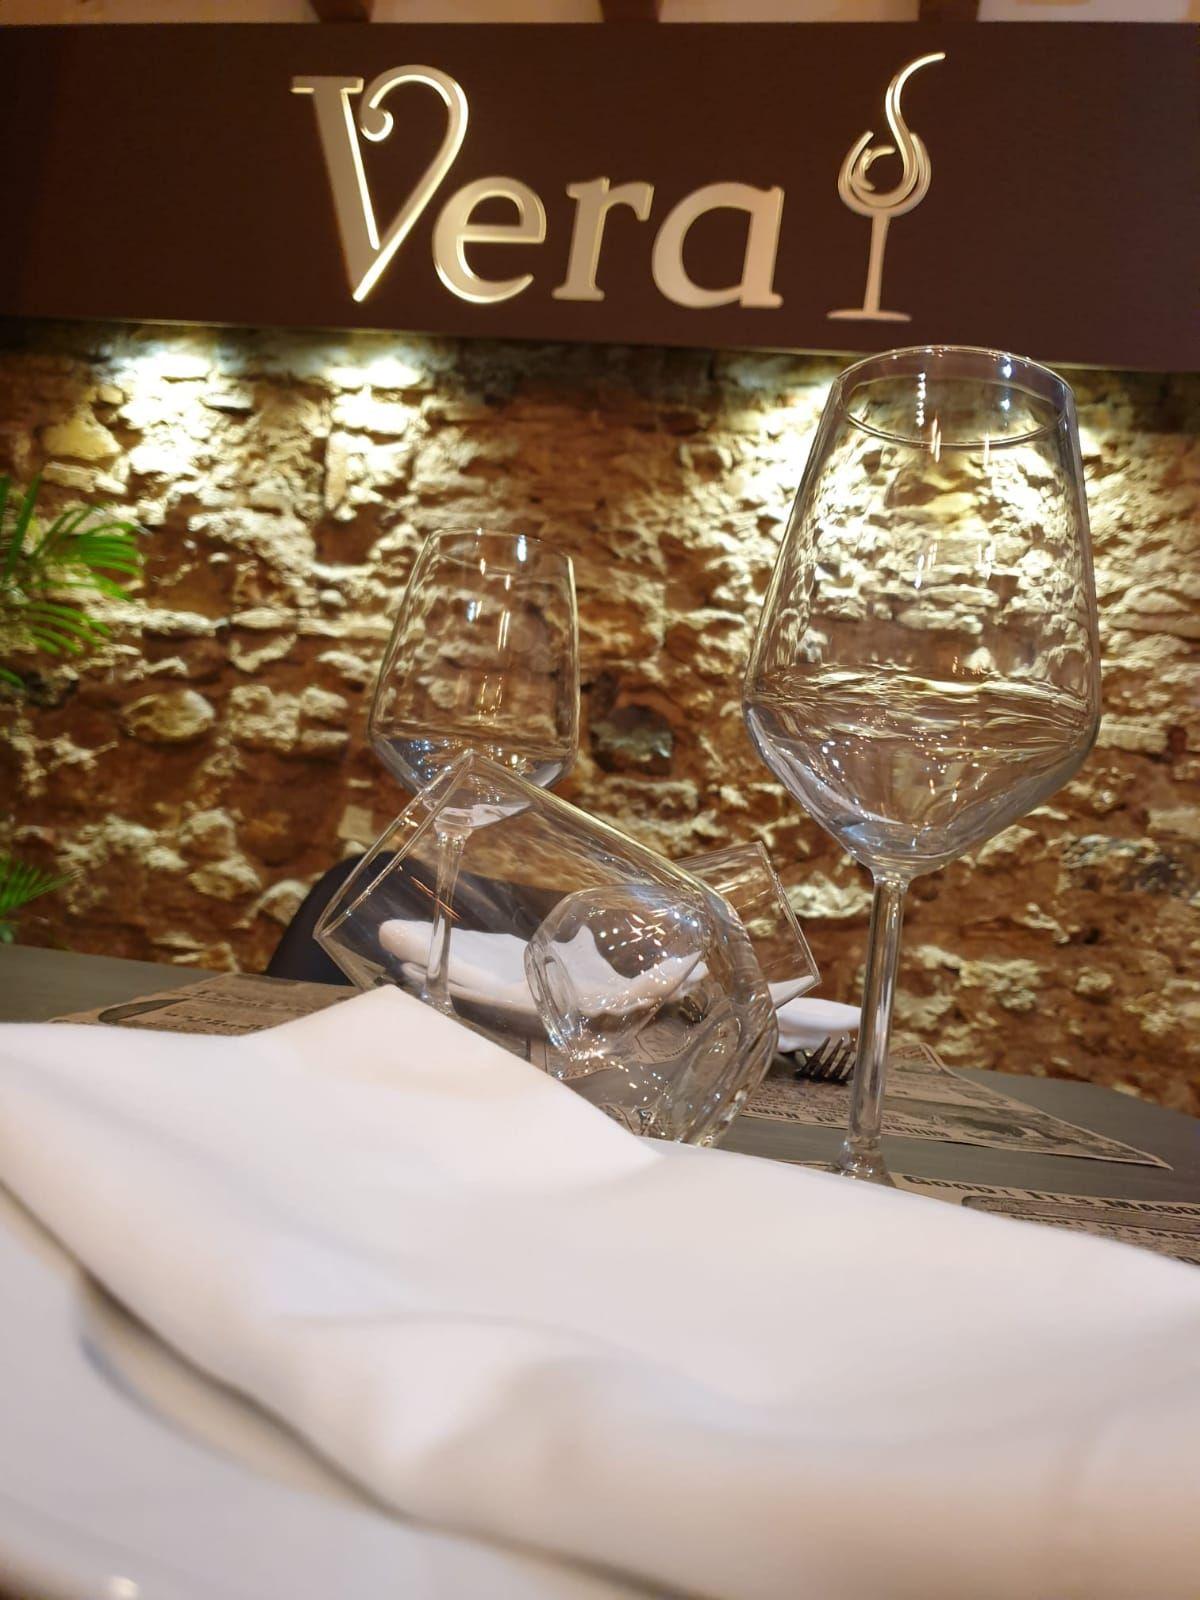 Foto 23 de Restaurante ecuatoriano en Valencia   Vera Restaurante